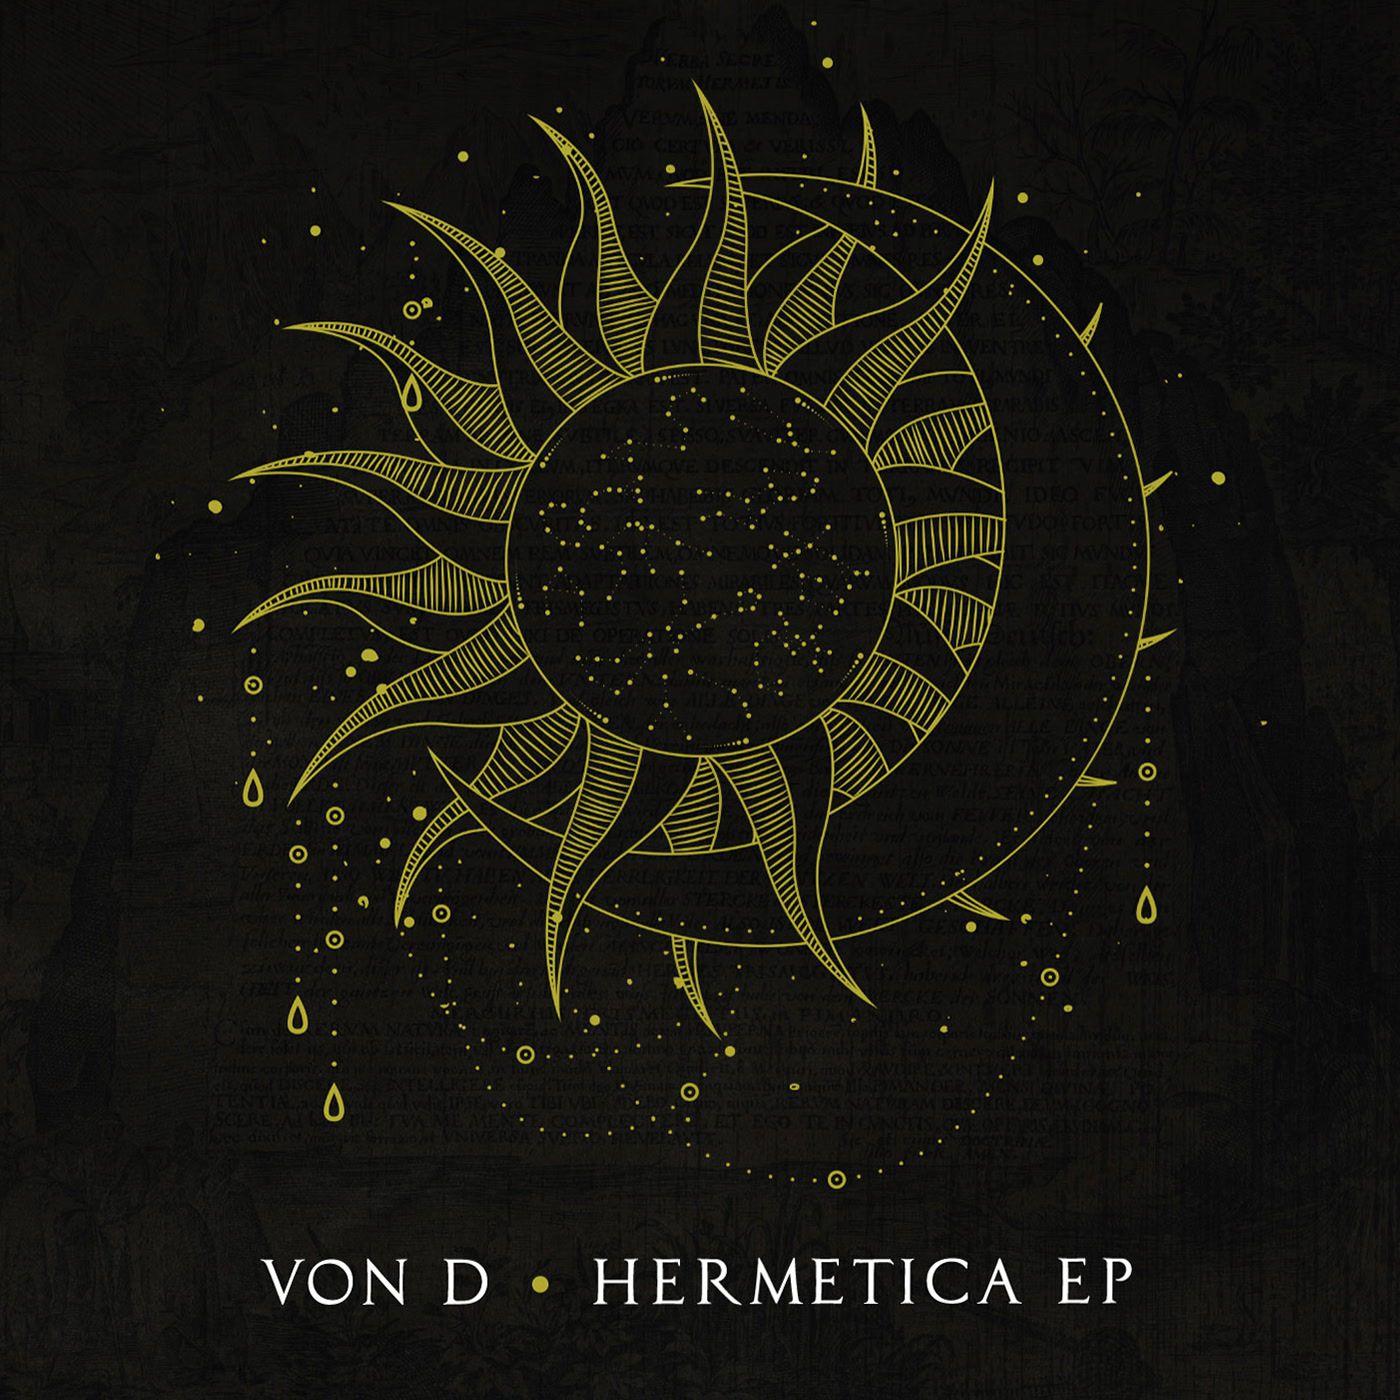 Von D - Hermetica